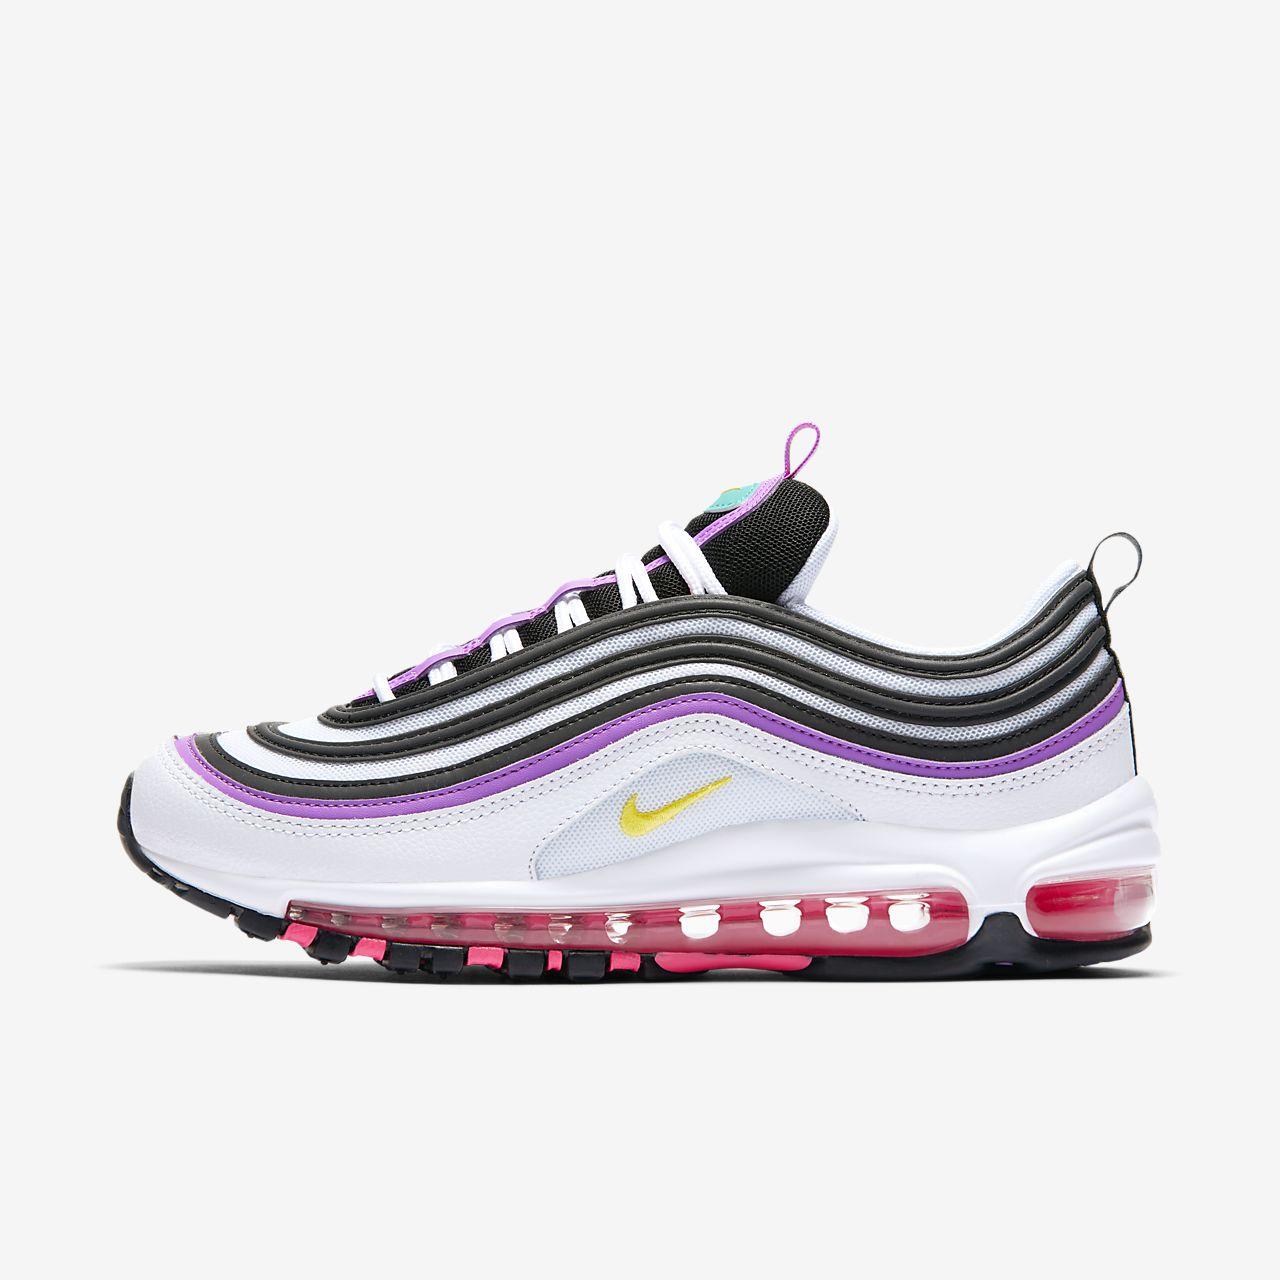 Nike Air Max 97 Kadın Ayakkabısı